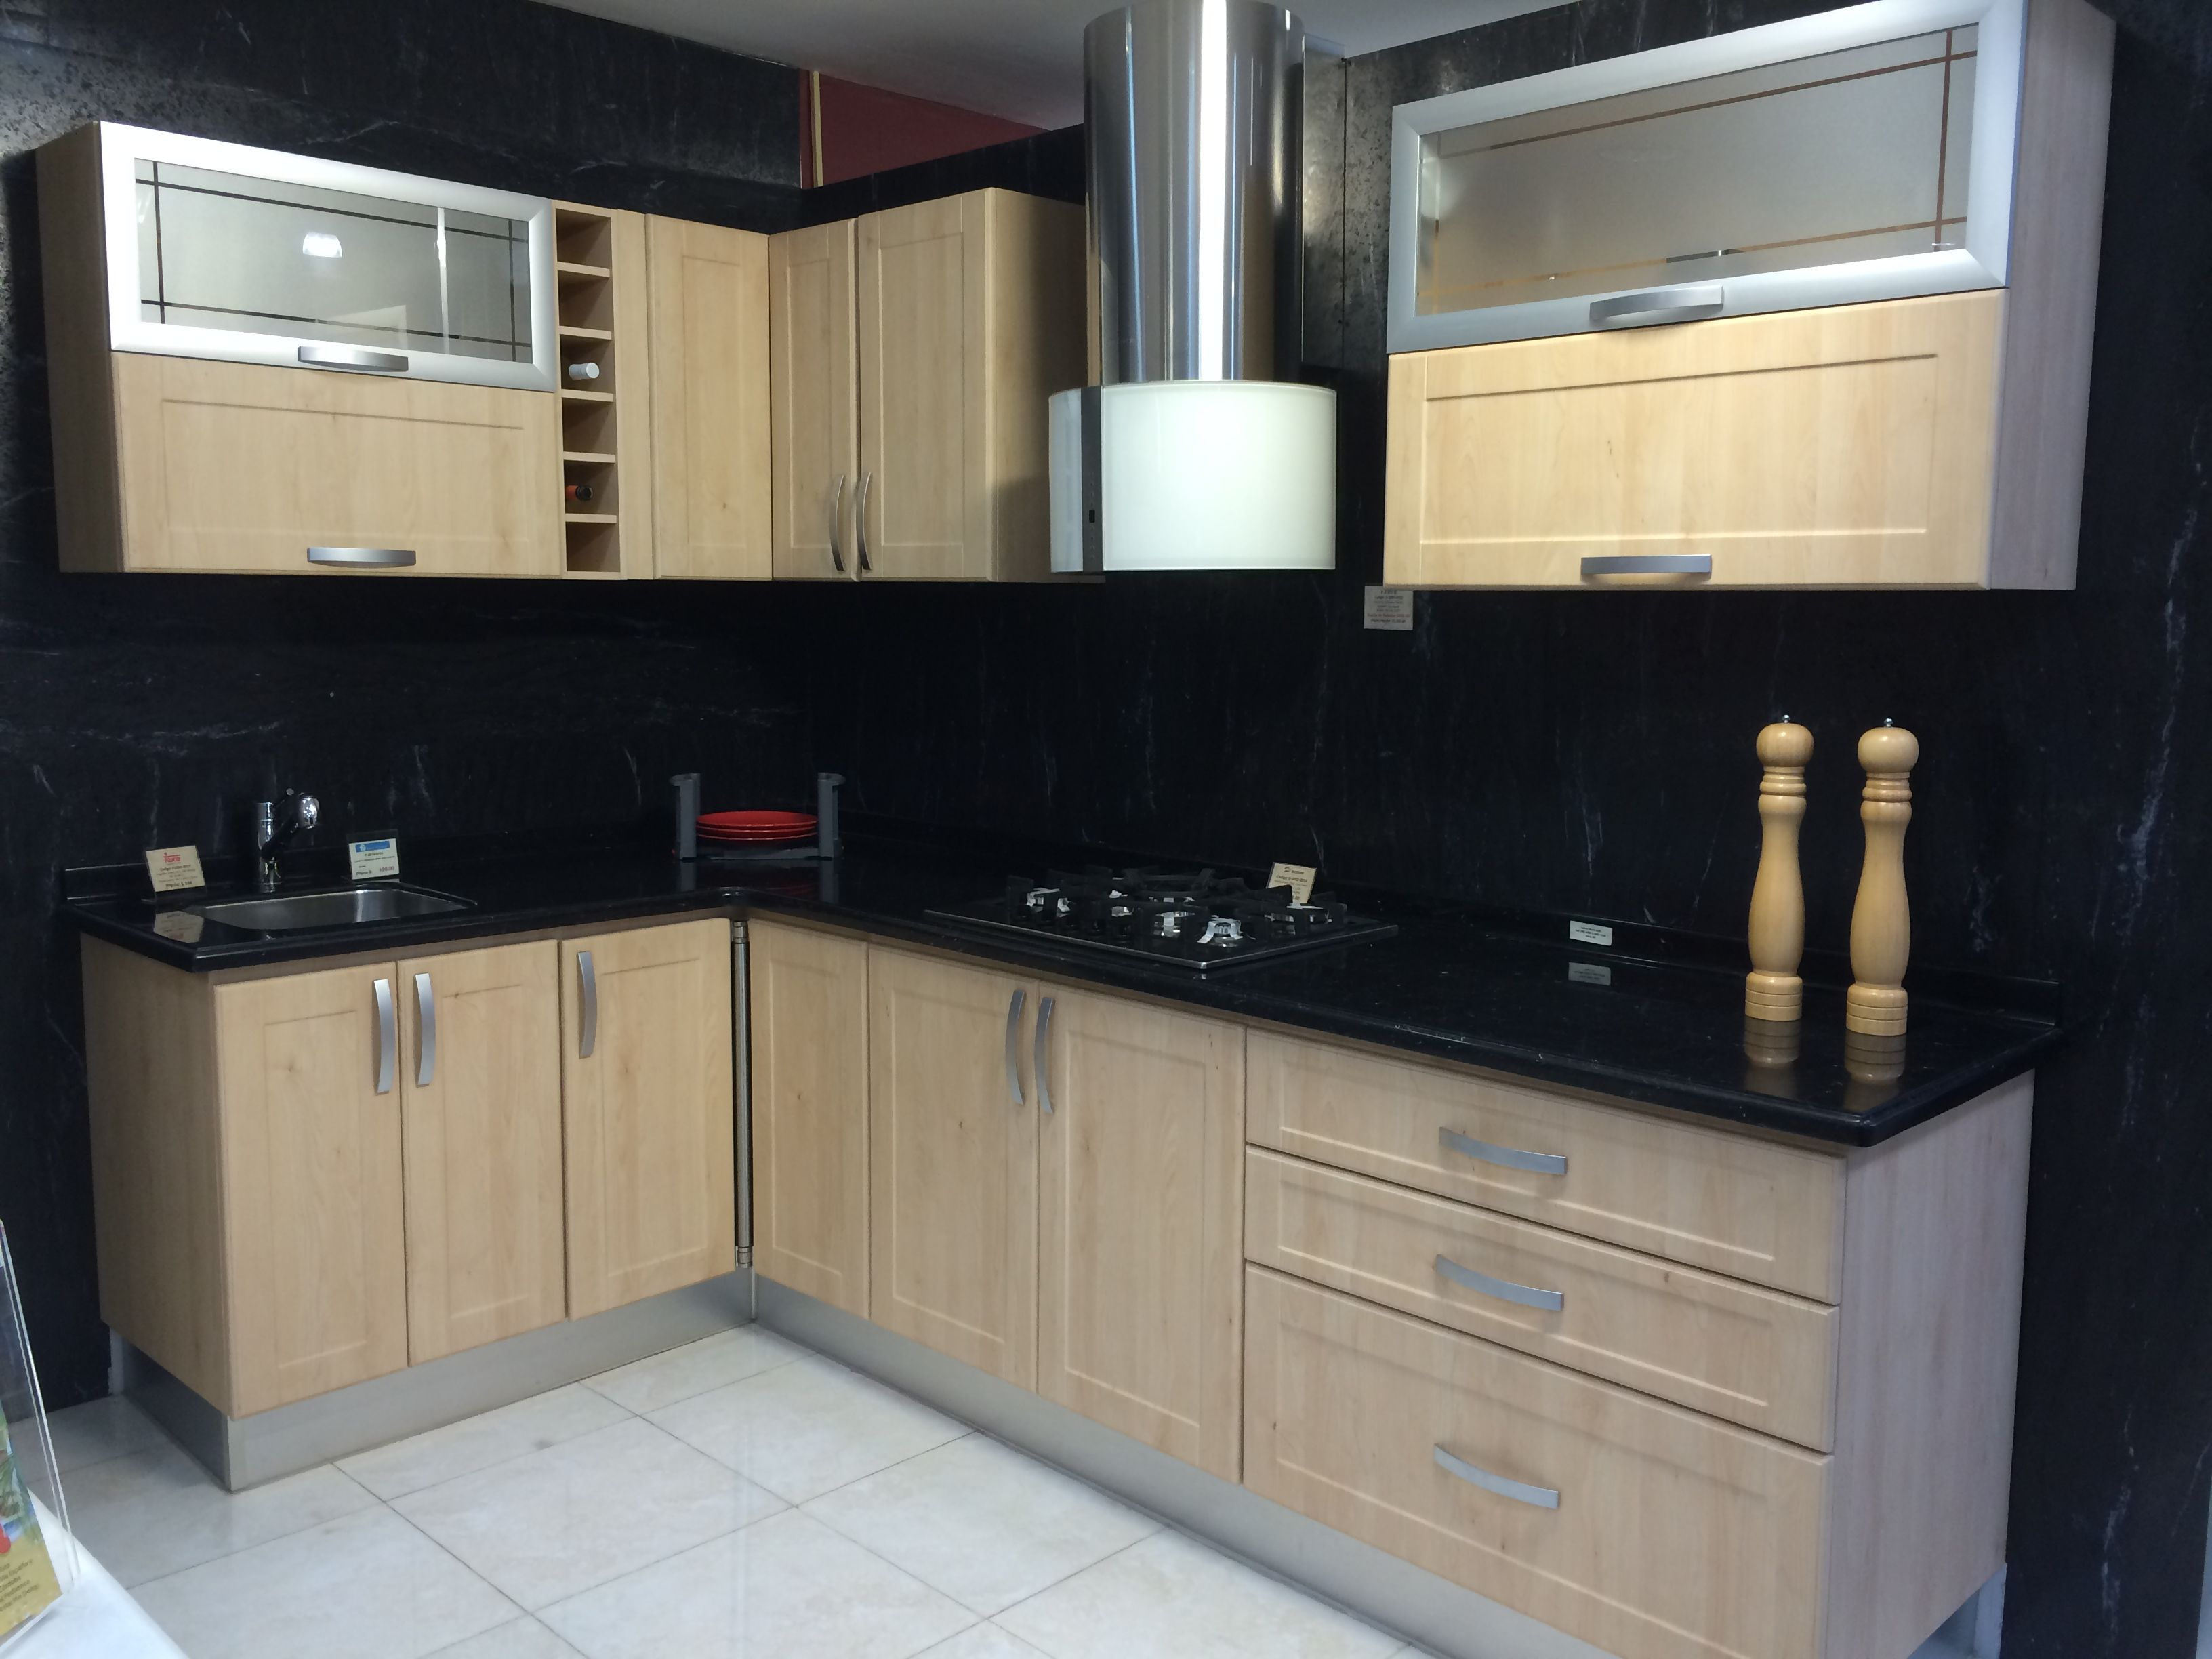 Cocina termoformada acabado en madera clara cocinas for Cocinas claras modernas